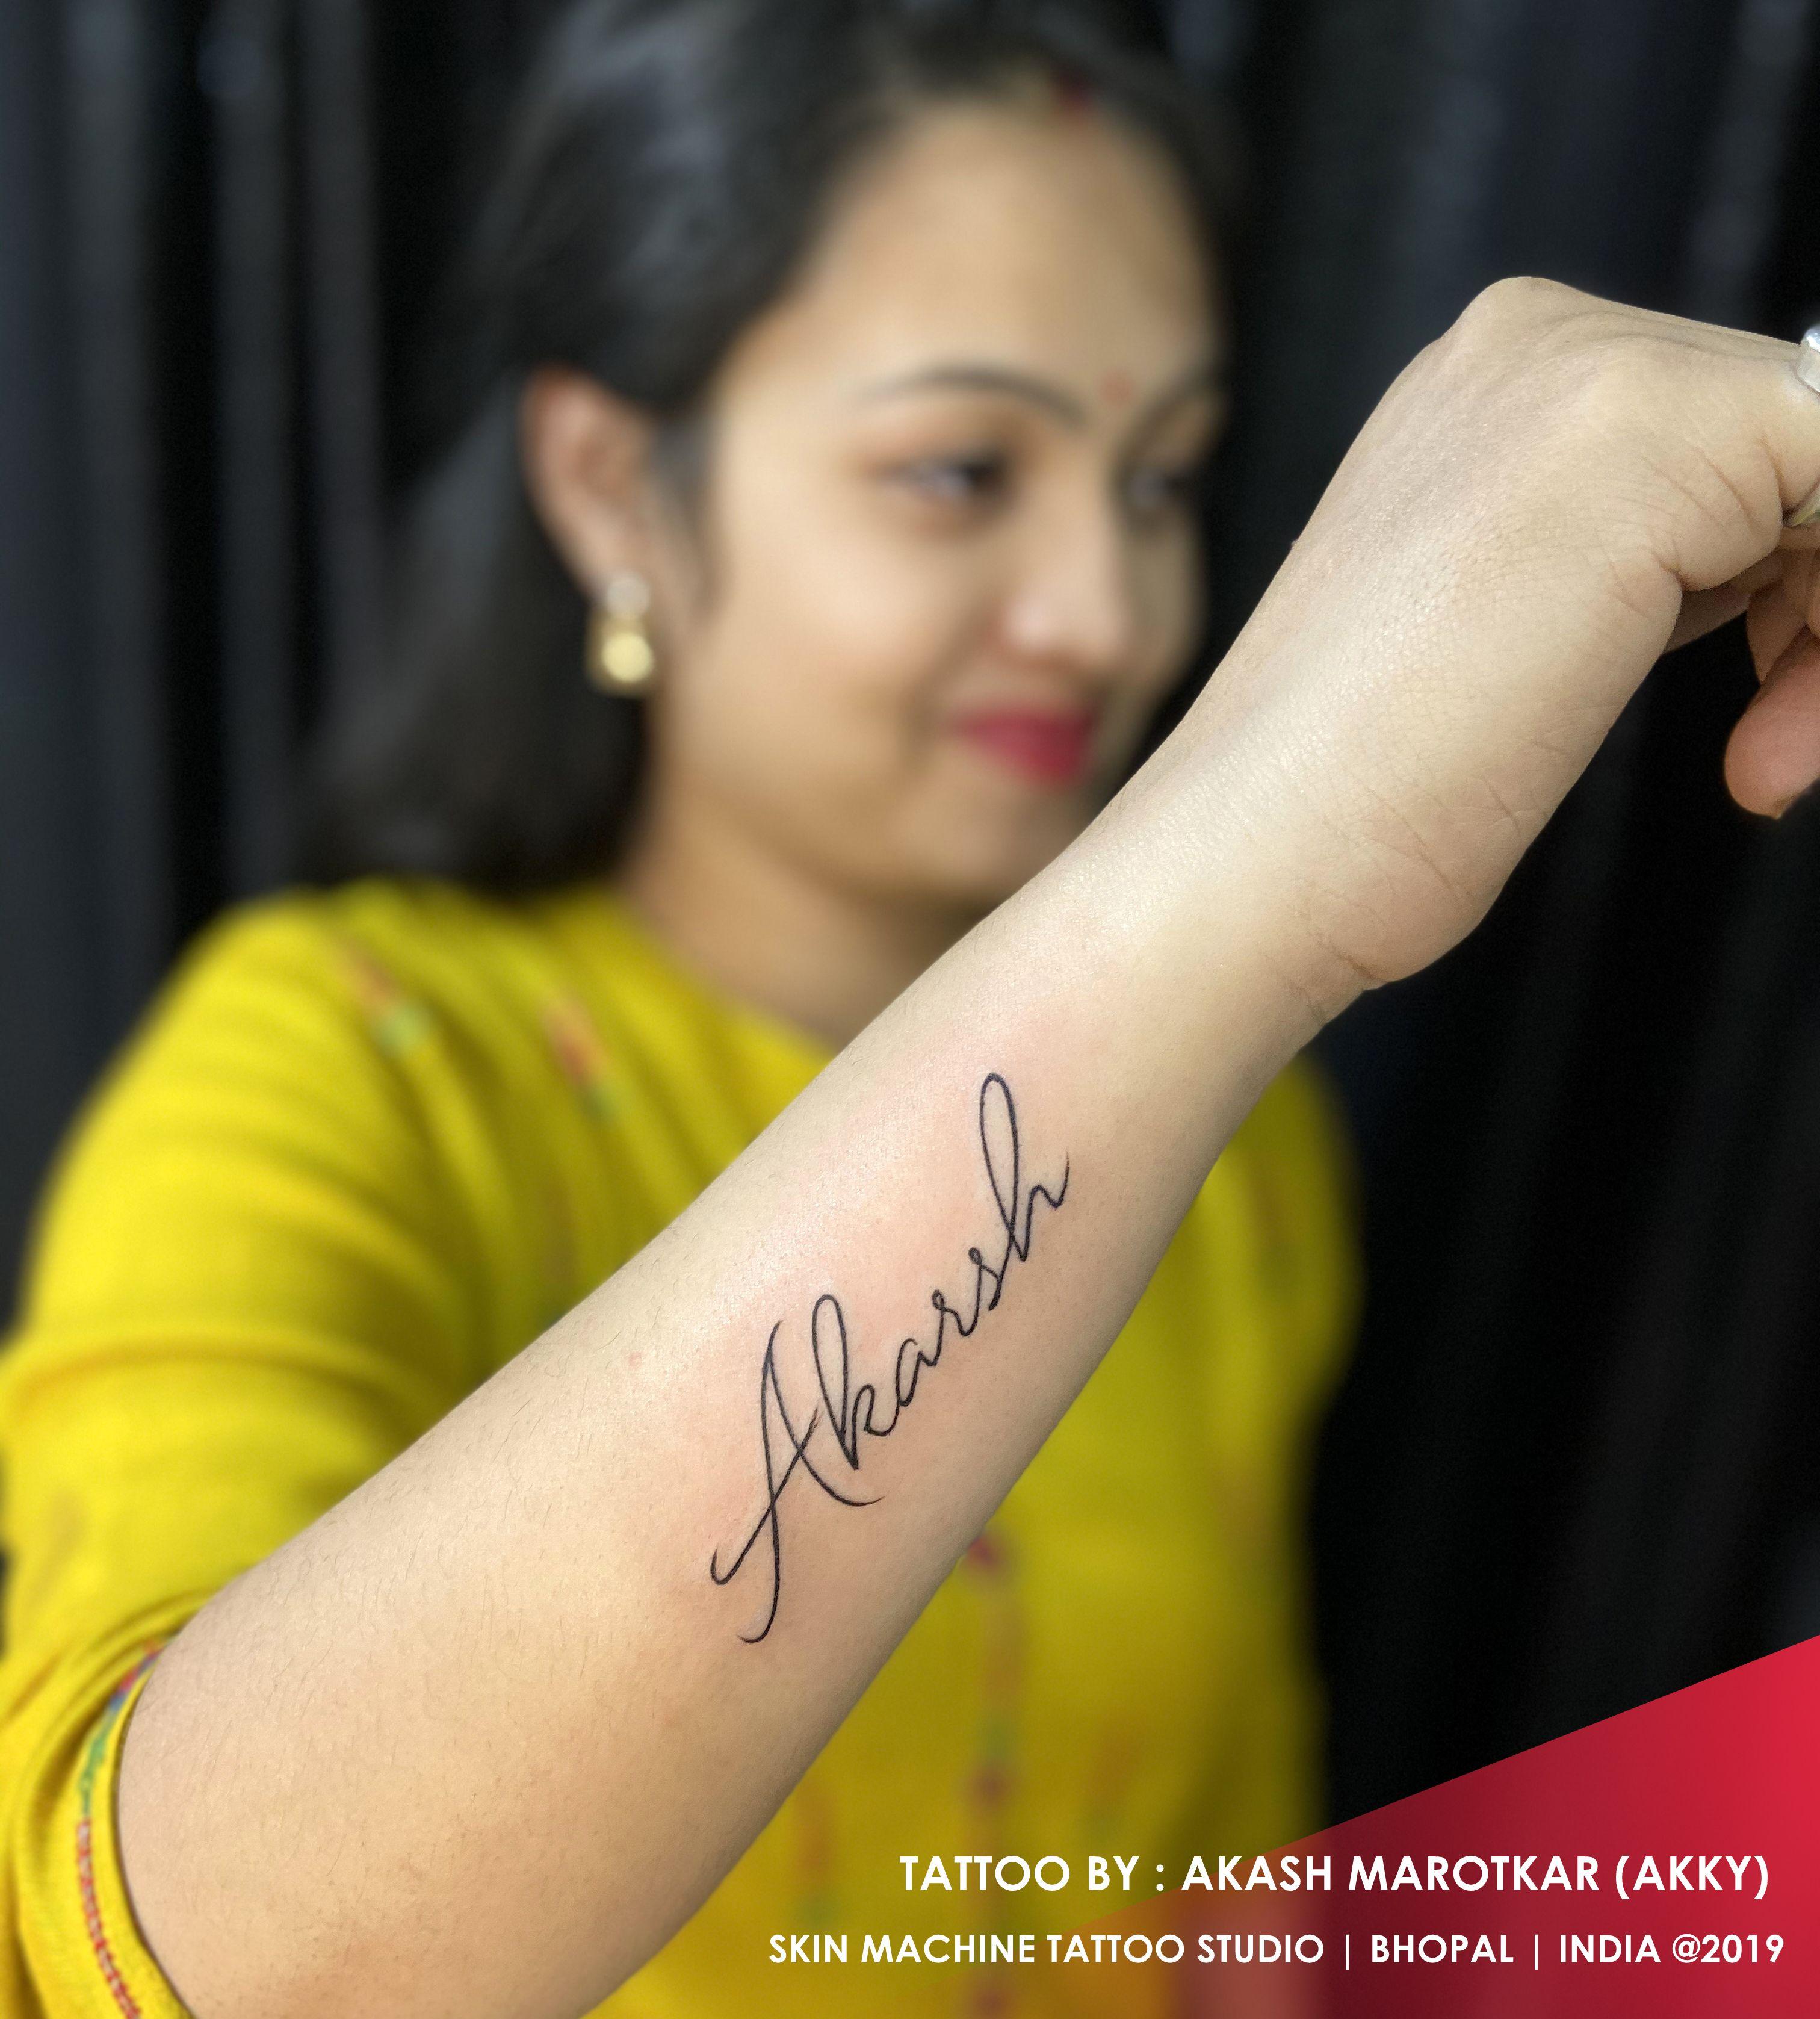 Name tattoo done by Akash marotkar (akky) SKIN MACHINE